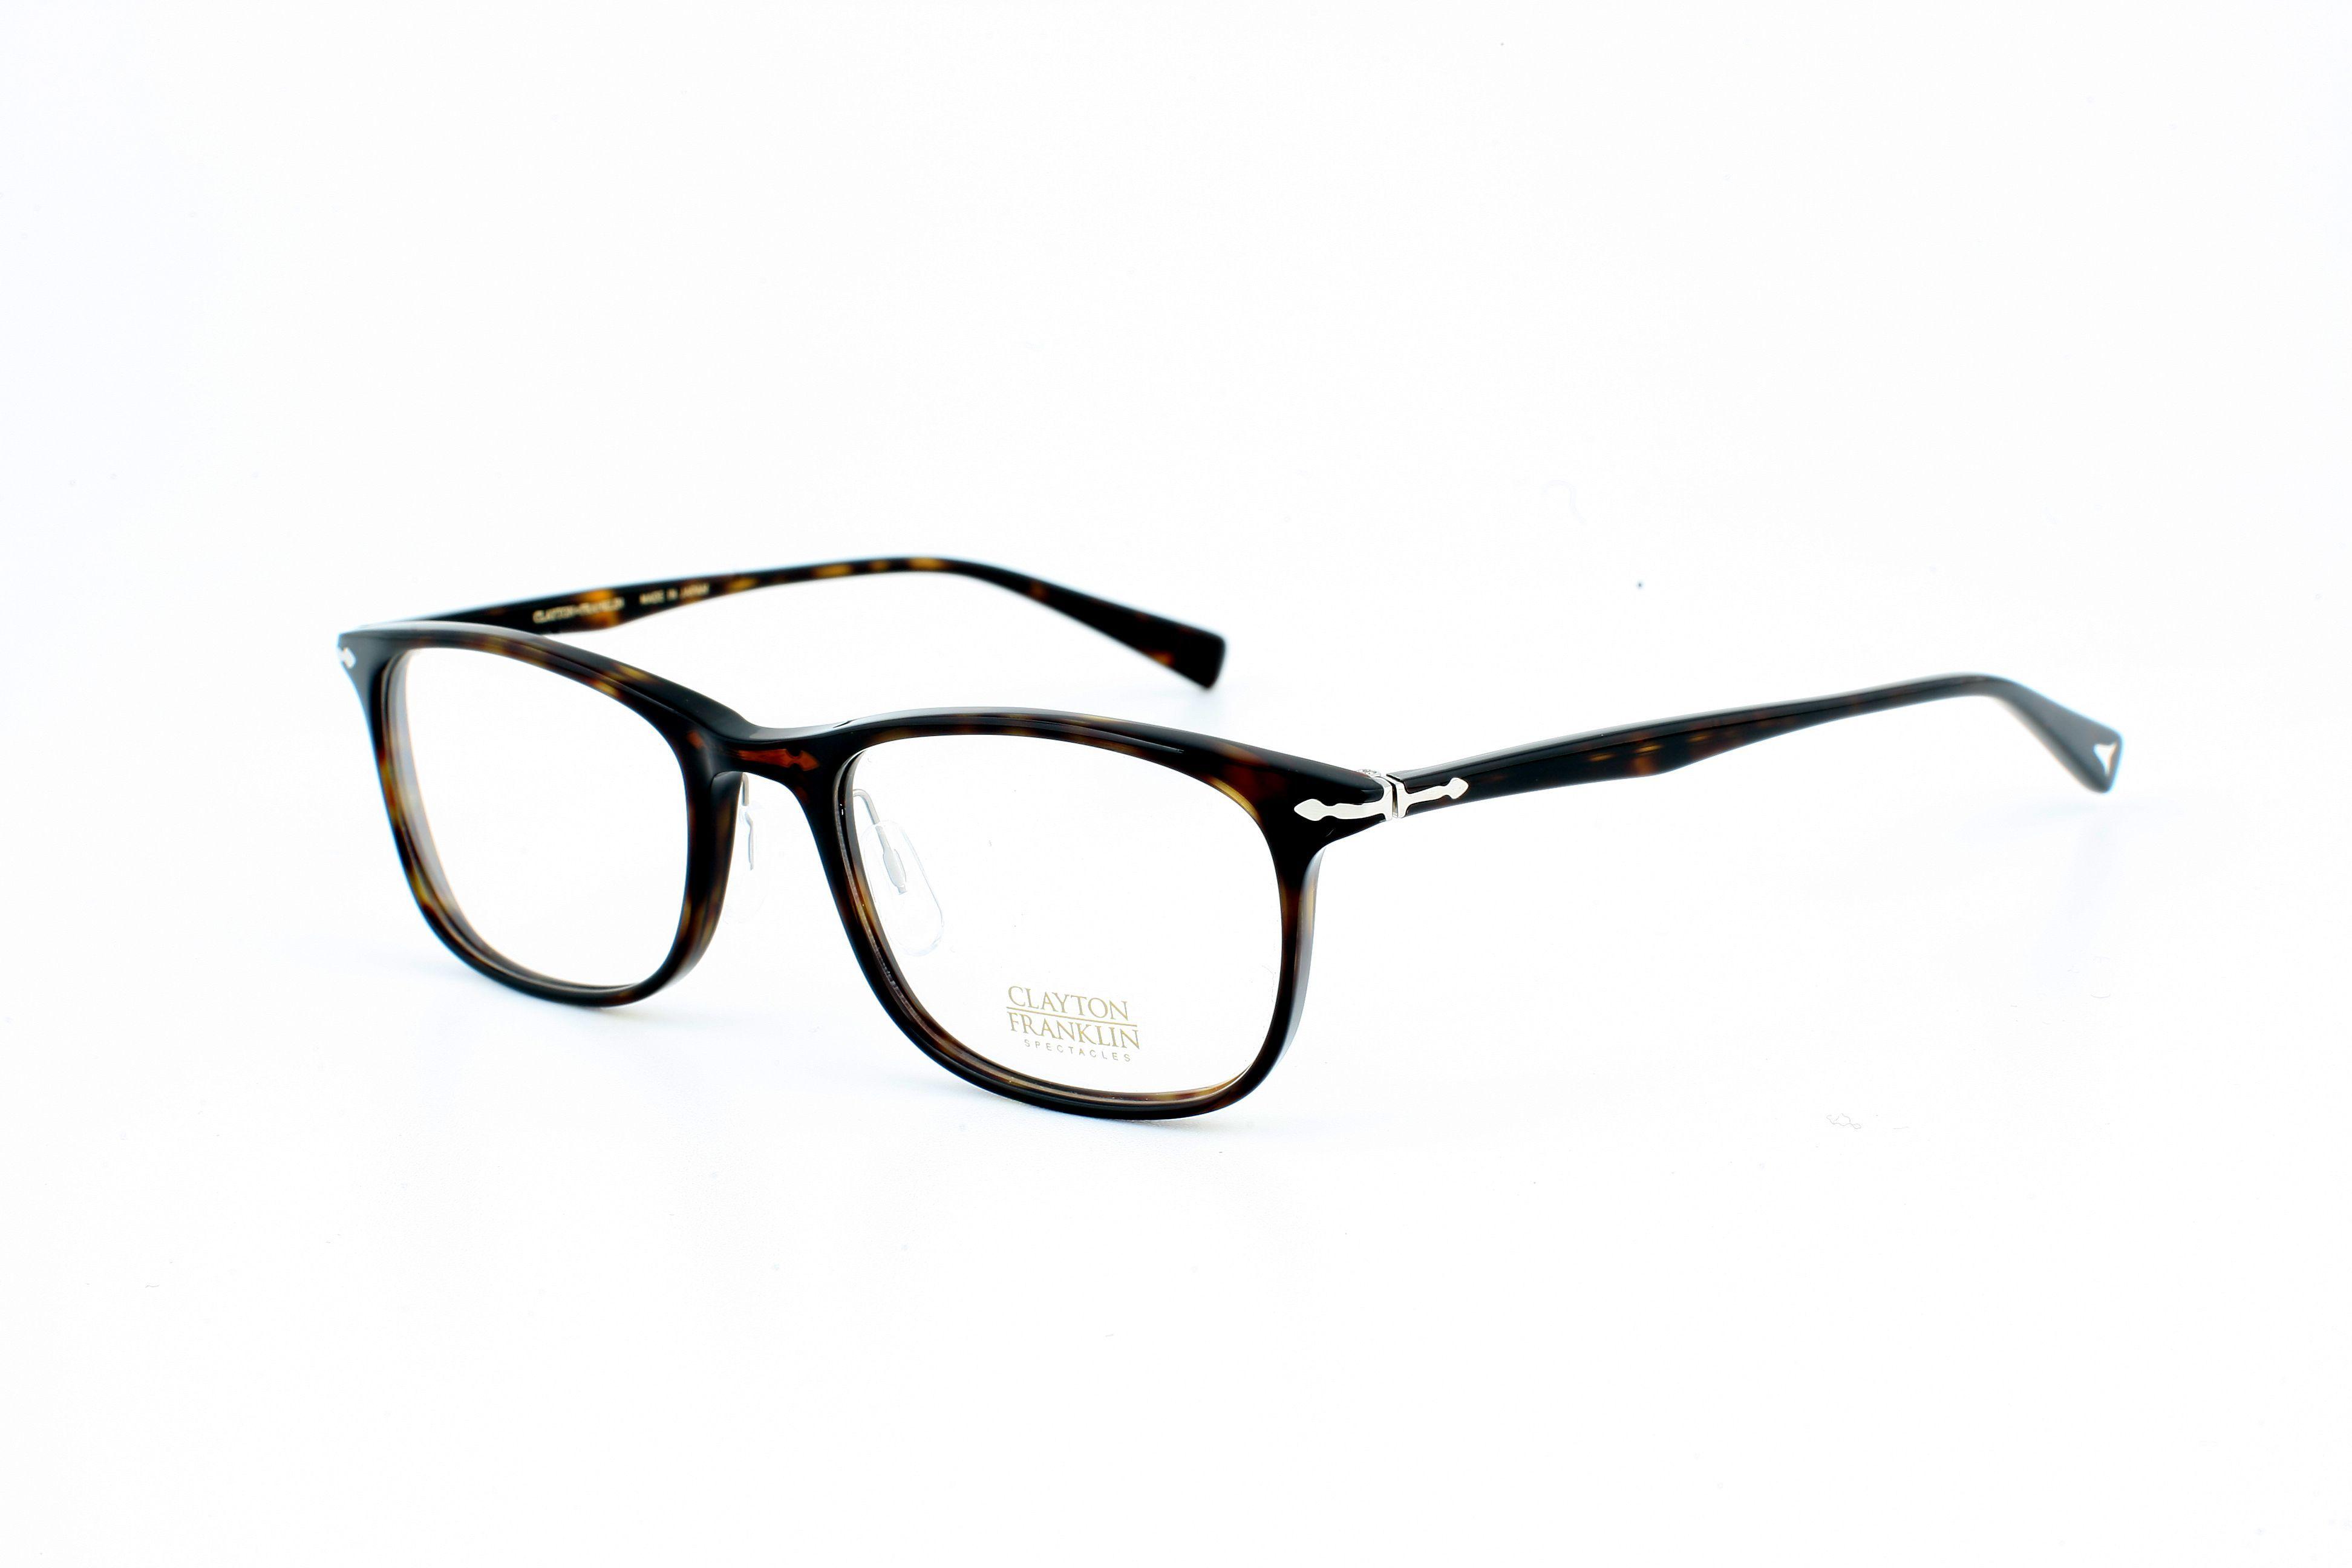 775c463b75a7 Clayton Franklin Eyewear